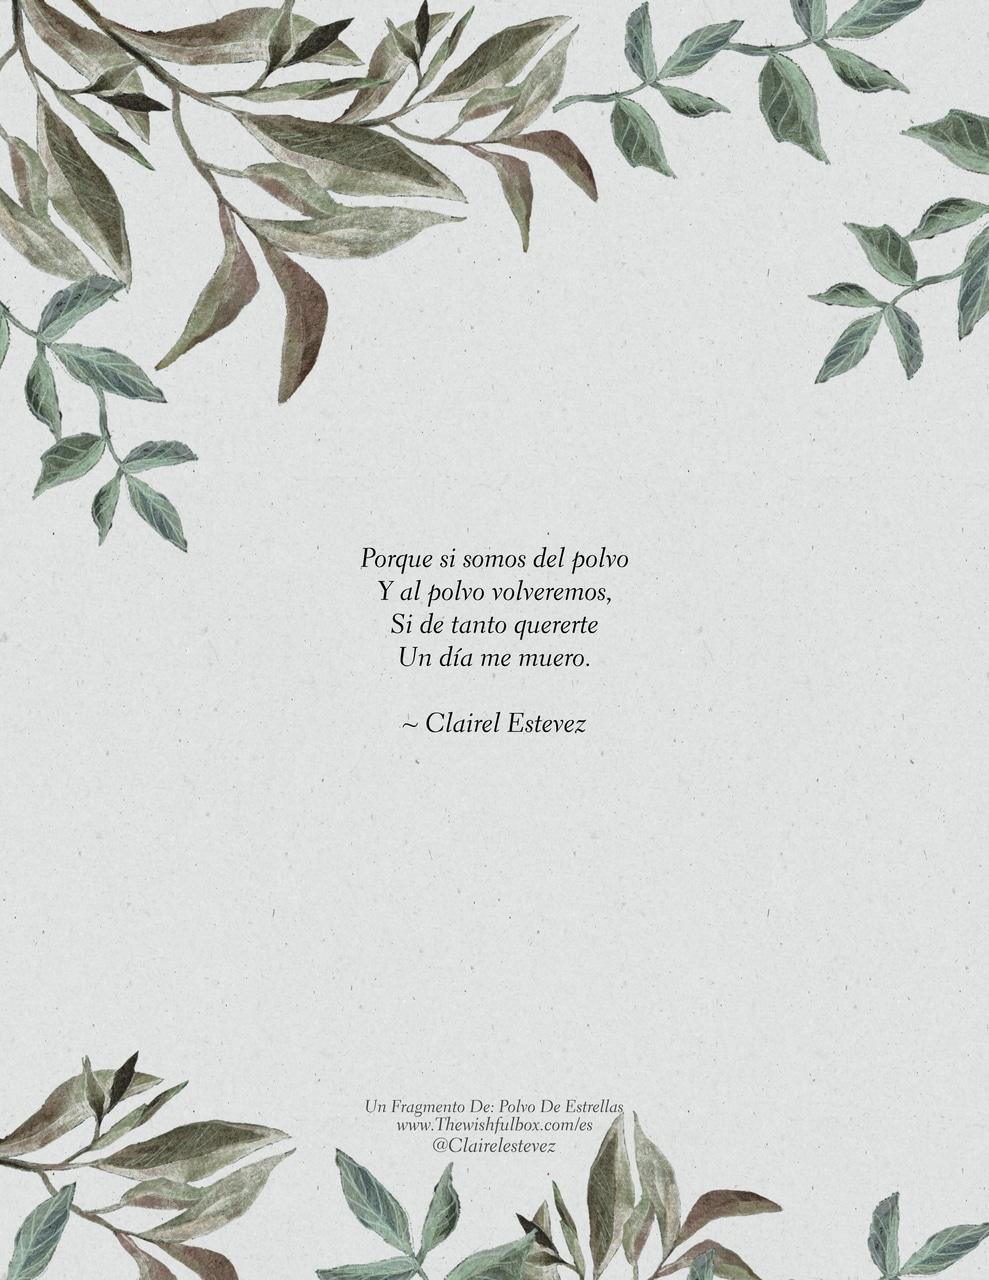 Un Fragmento De Polvo De Estrellas Poemas Poesías